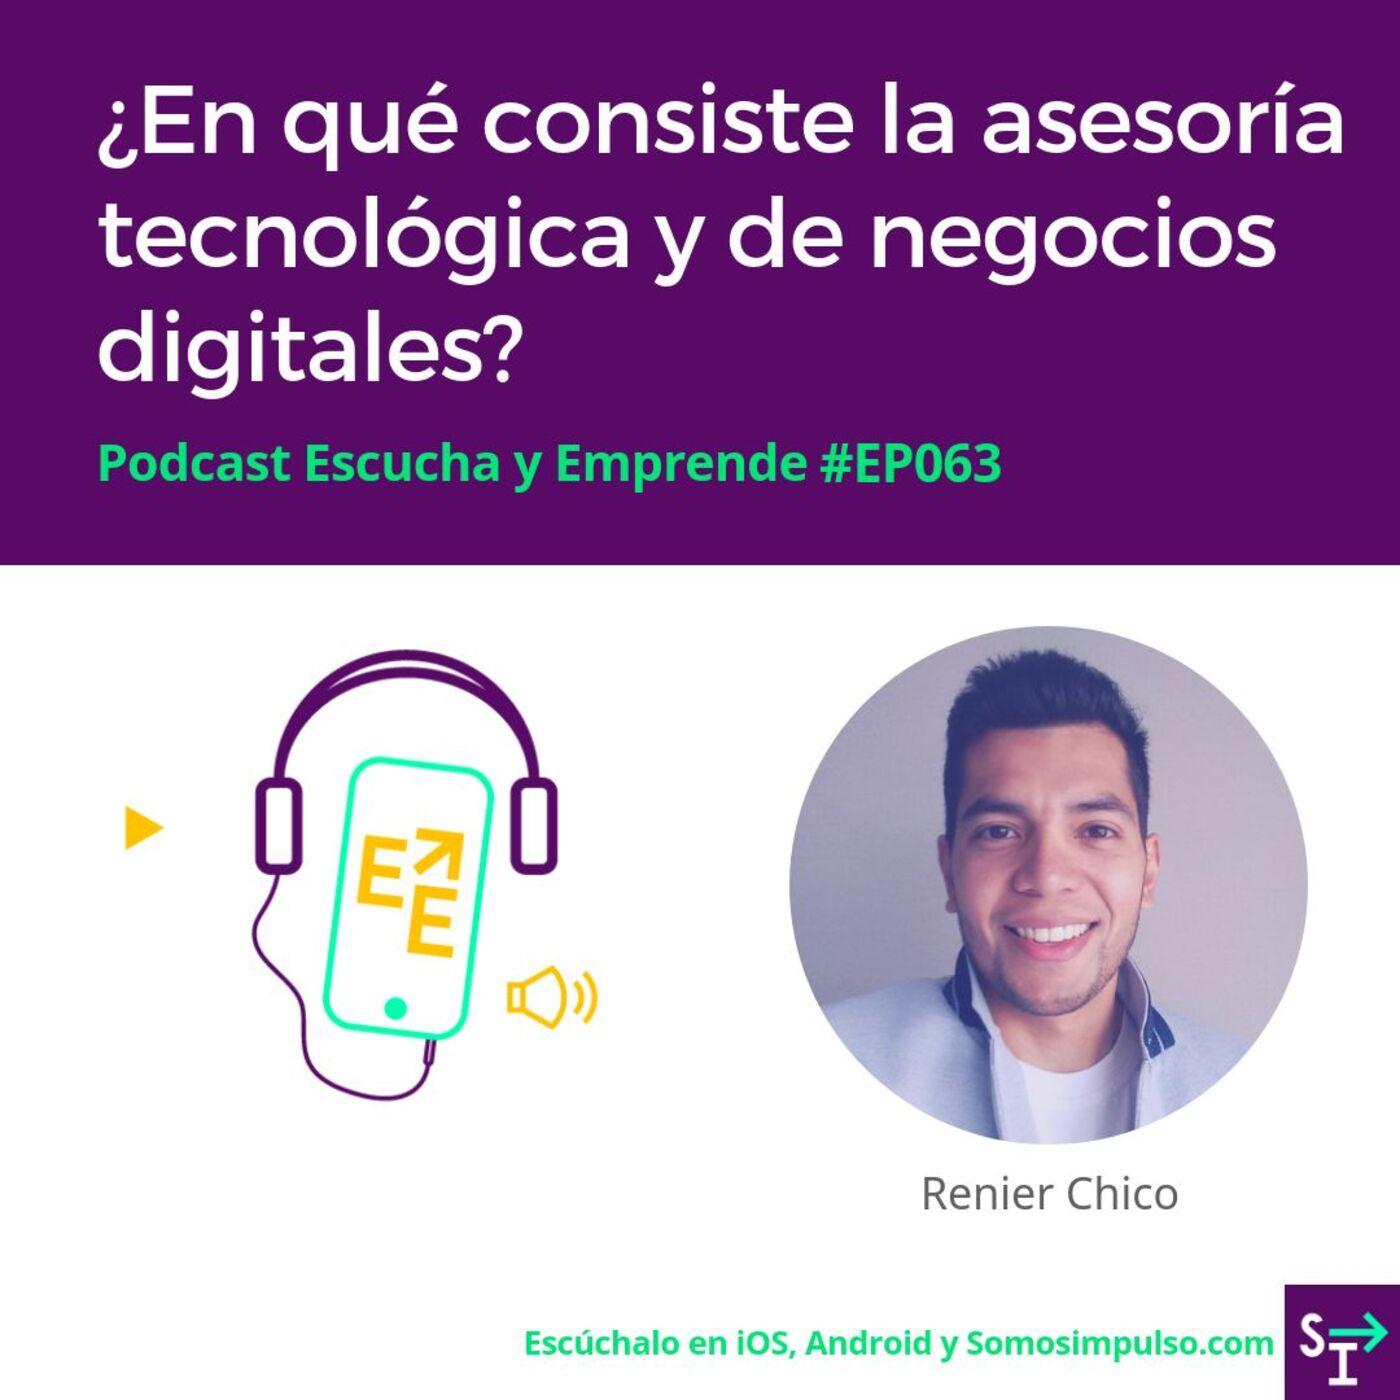 Escucha Y Emprende EP063 ¿En Qué Consiste La Asesoría Tecnológica Y De Negocios Digitales?